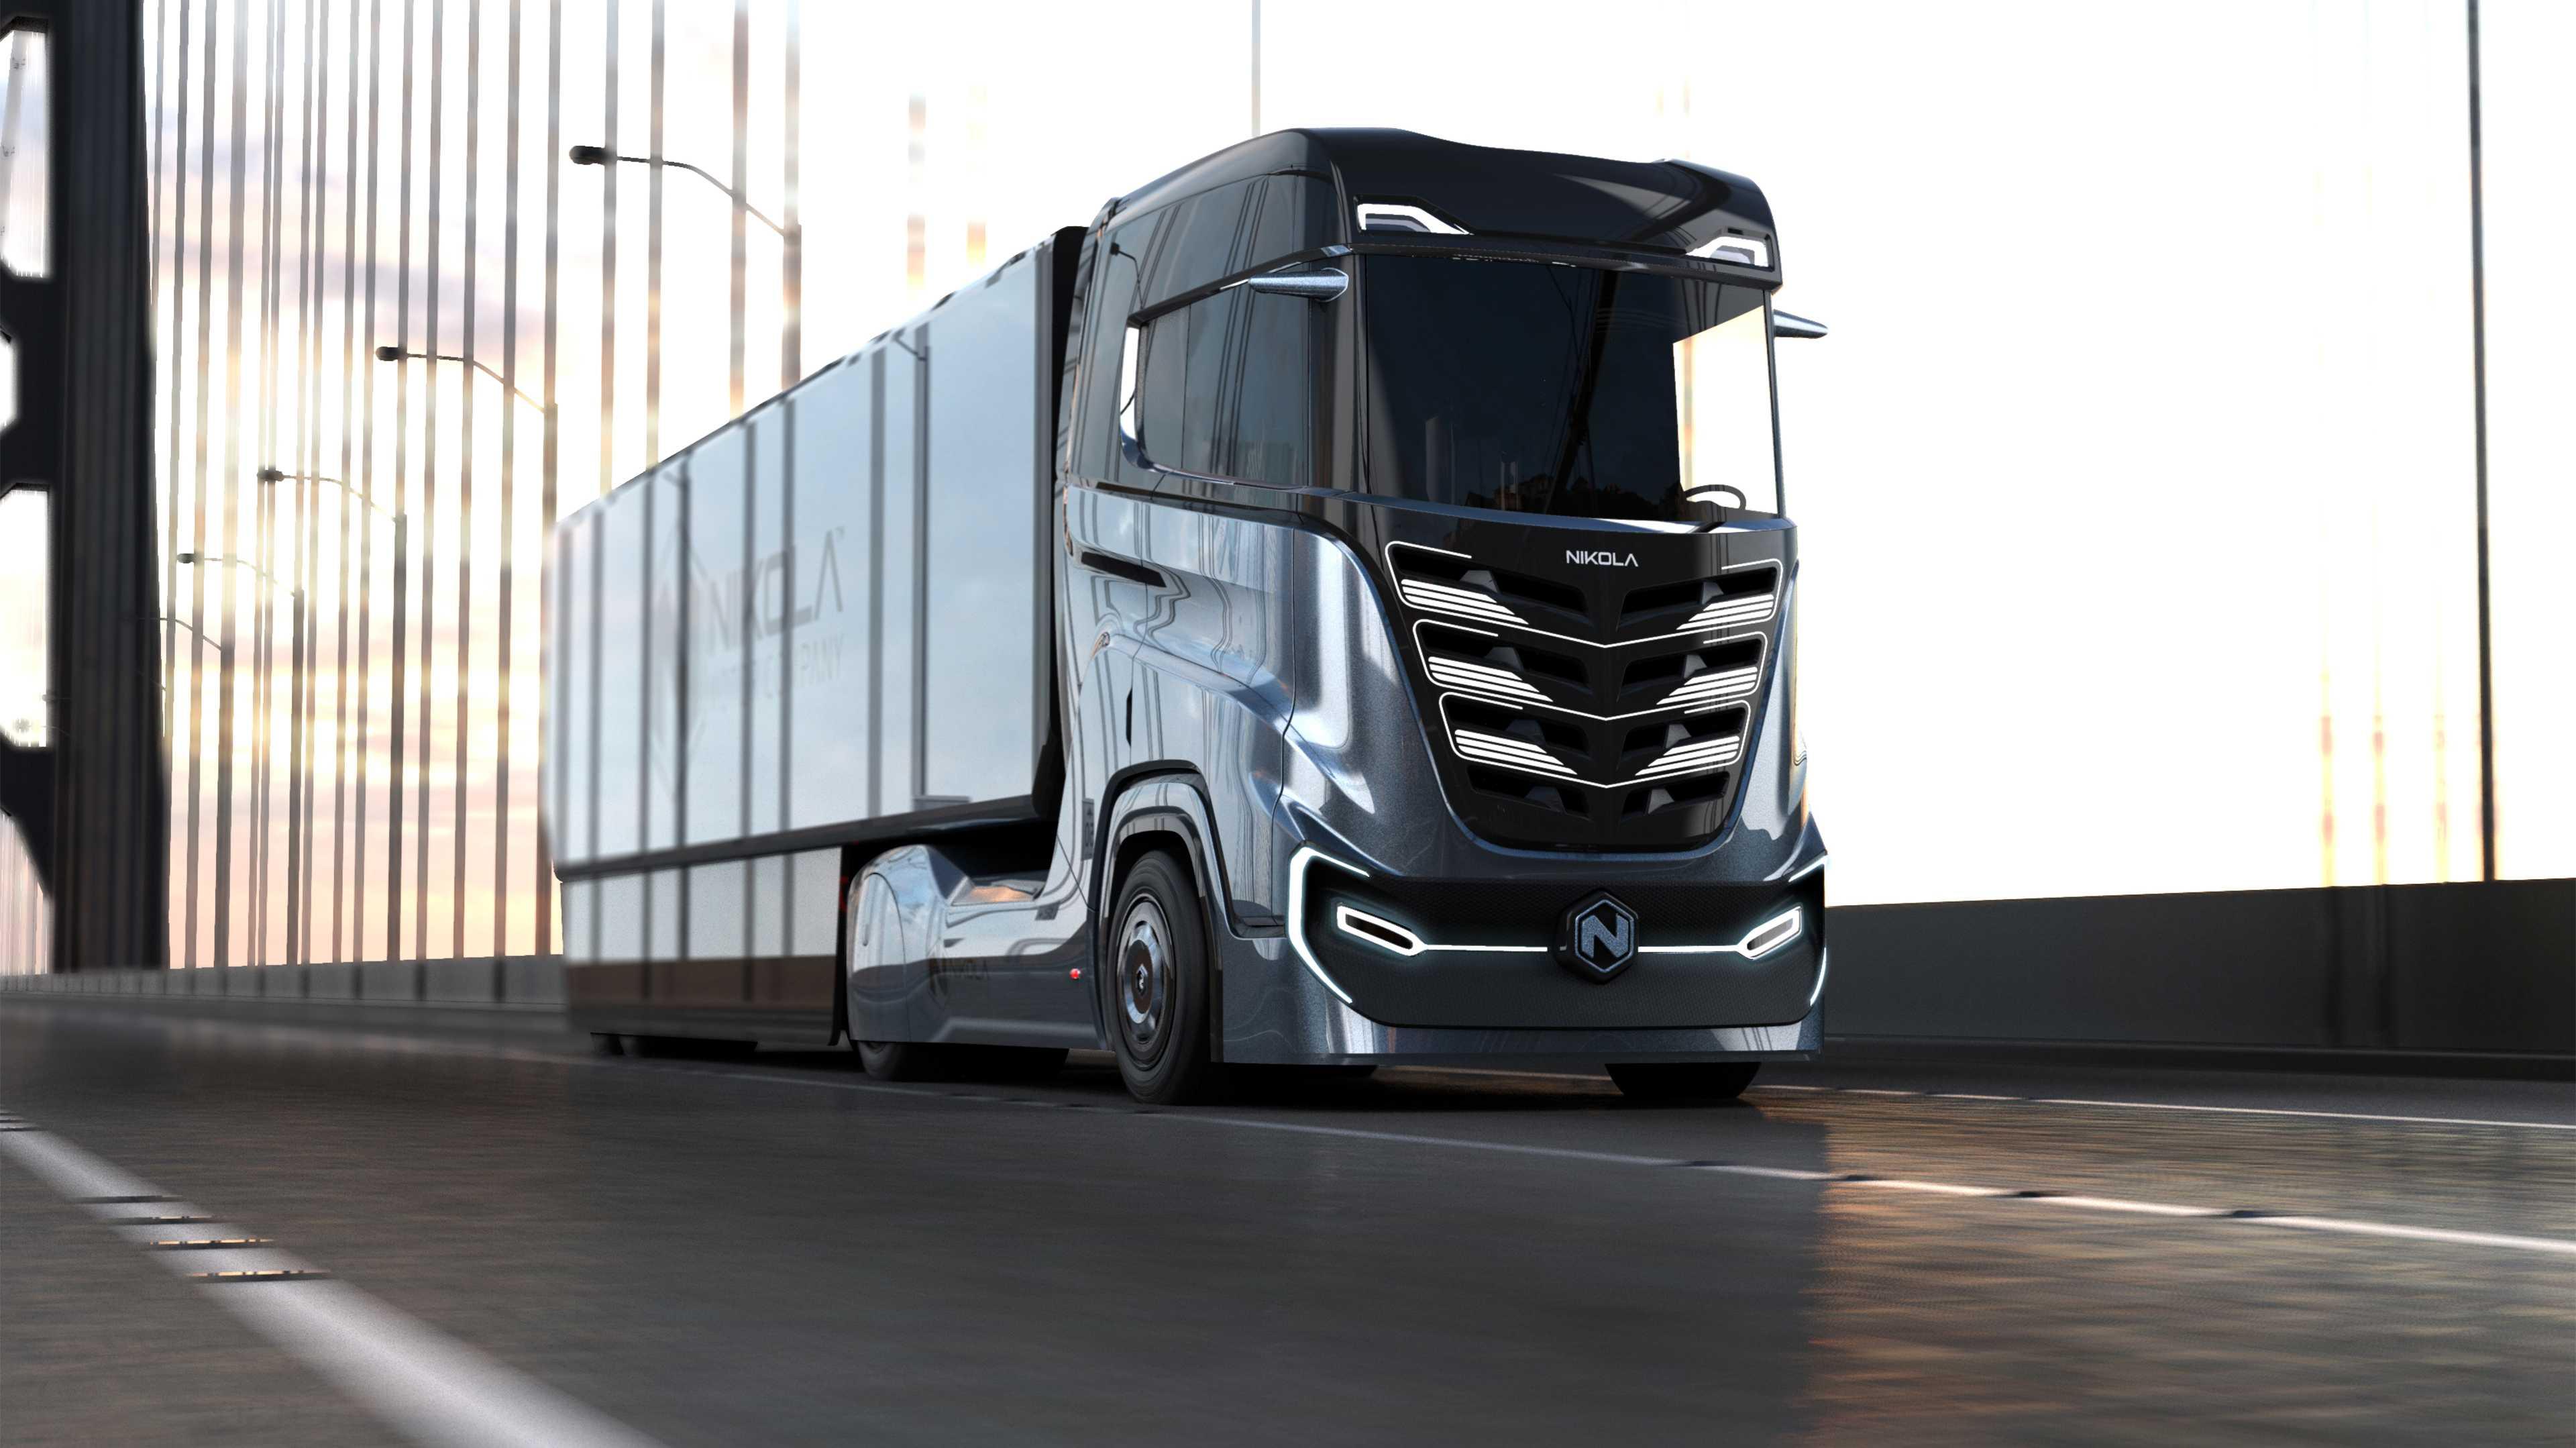 Brennstoffzellen-Lkw: Nikola entwickelt Truck für Europa